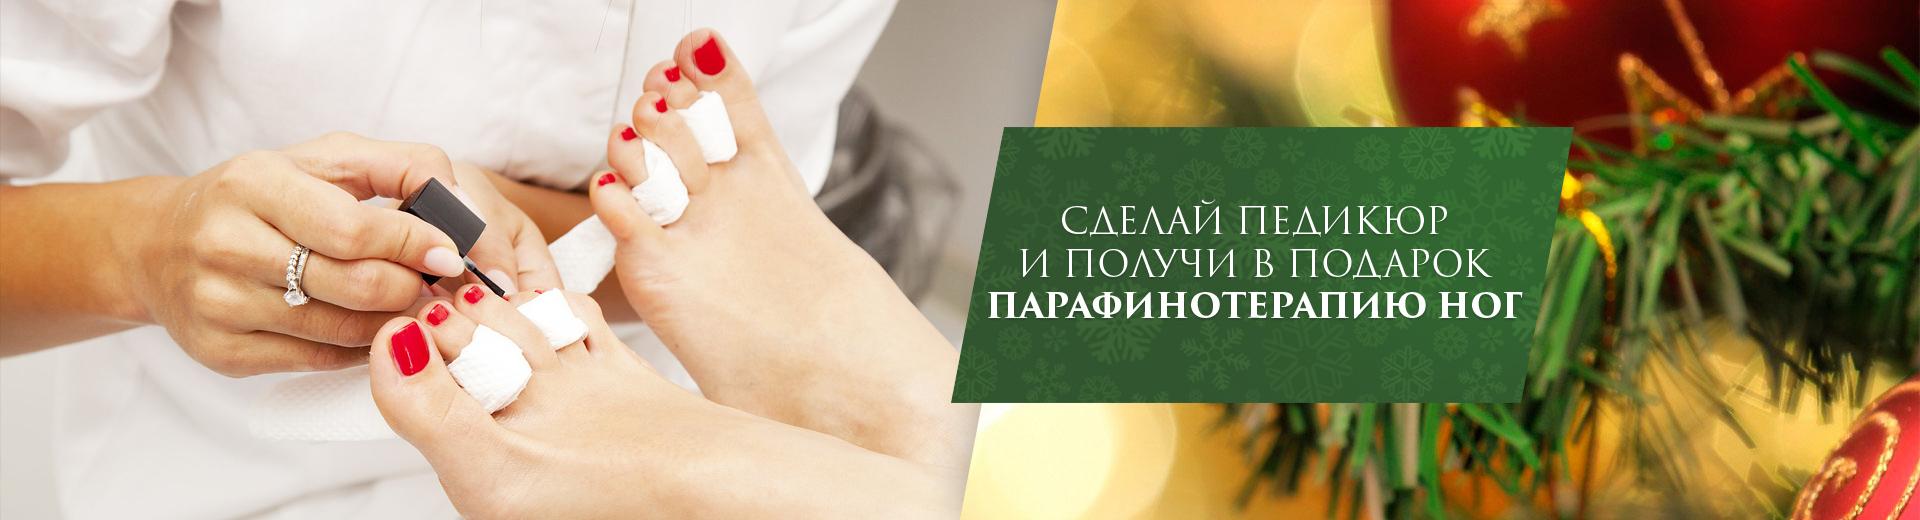 Сделай педикюр и получи в подарок парафинотерапию ног